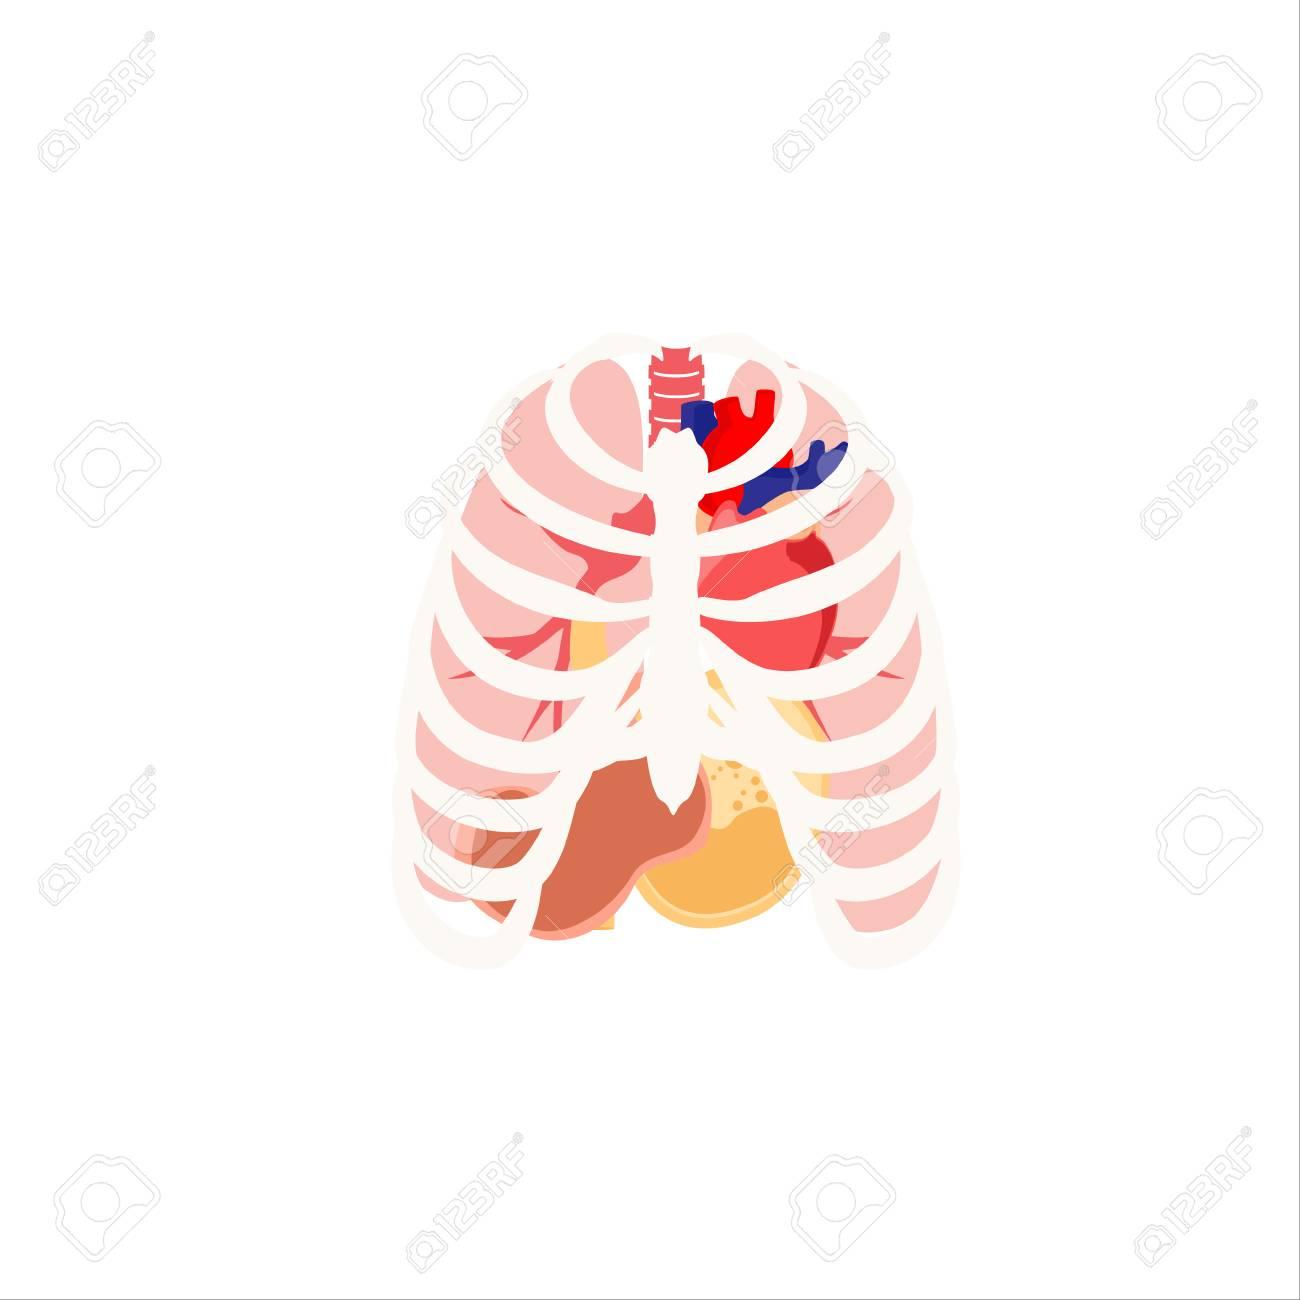 Ilustración Vectorial De Los órganos Humanos. La Caja Torácica, Los ...